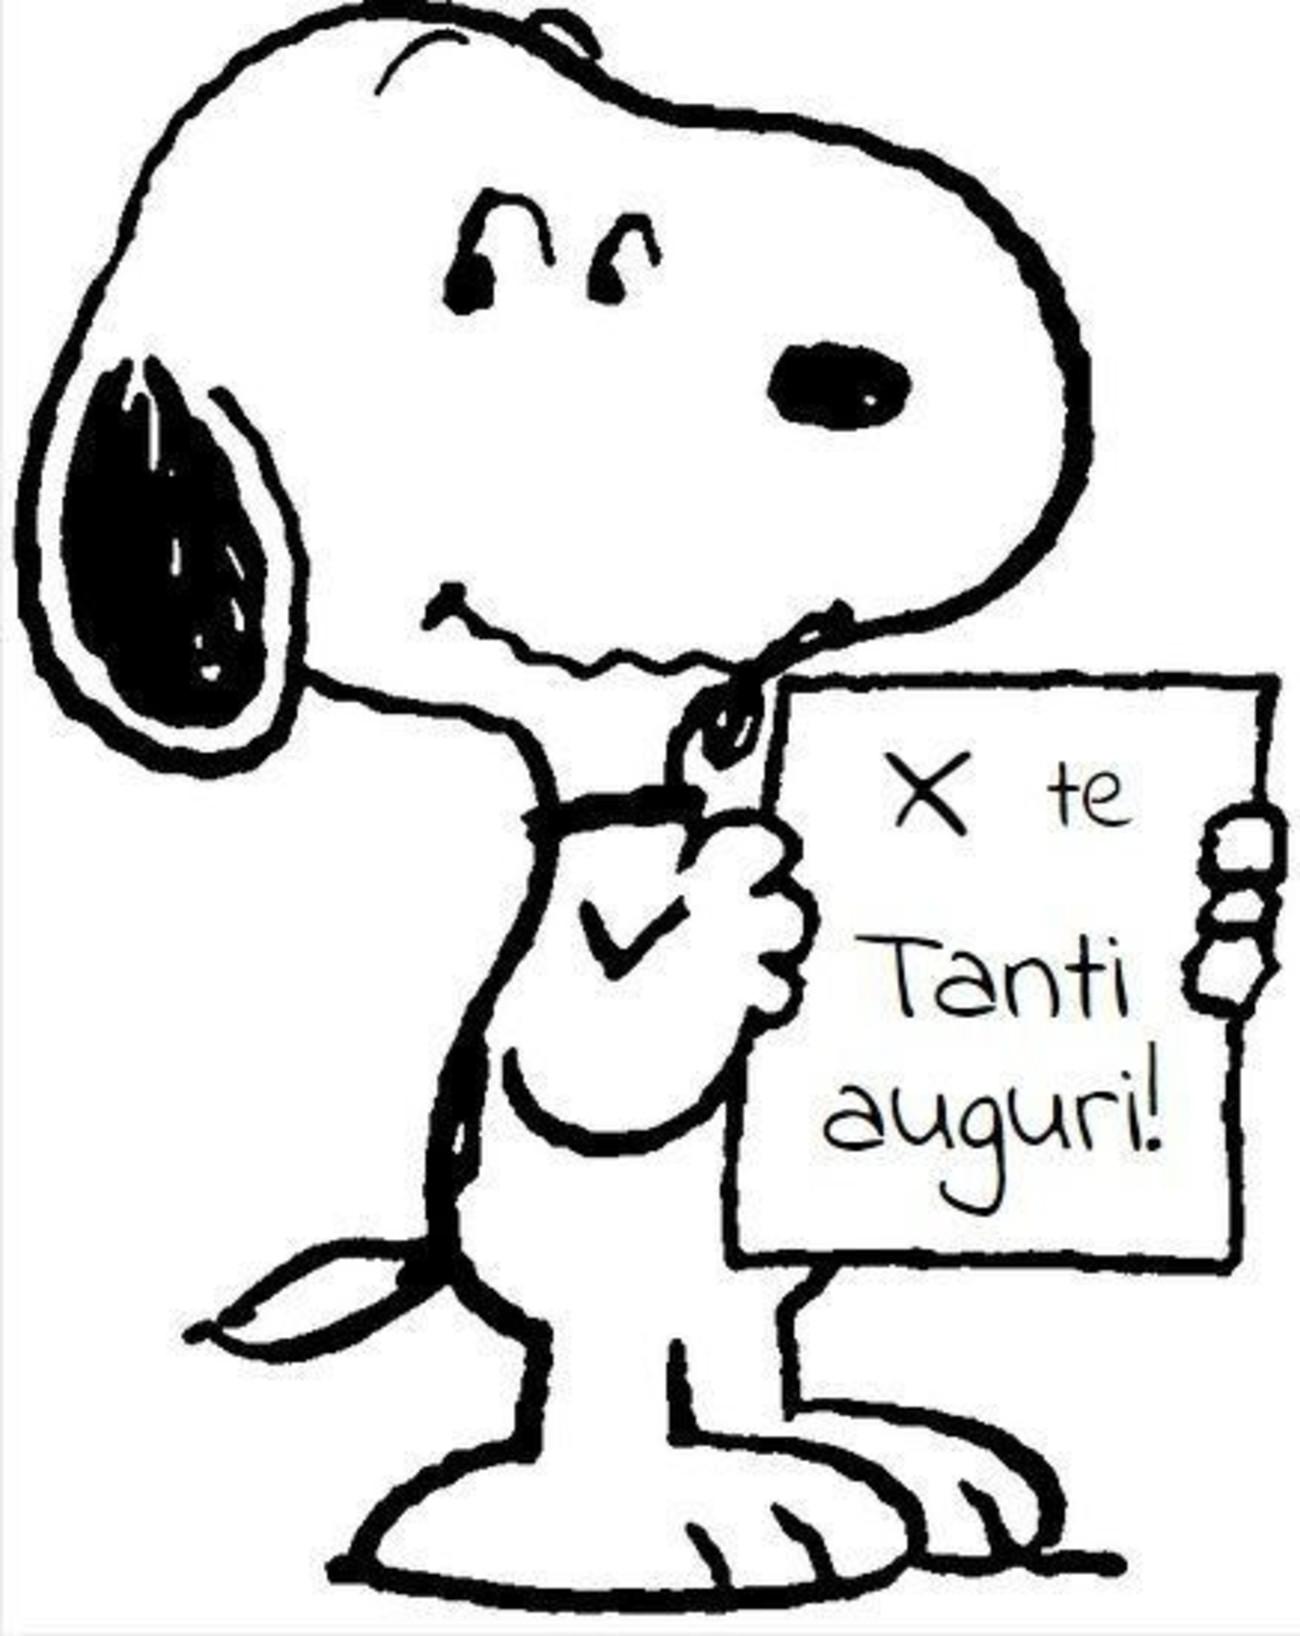 X te Tanti Auguri da Snoopy 284